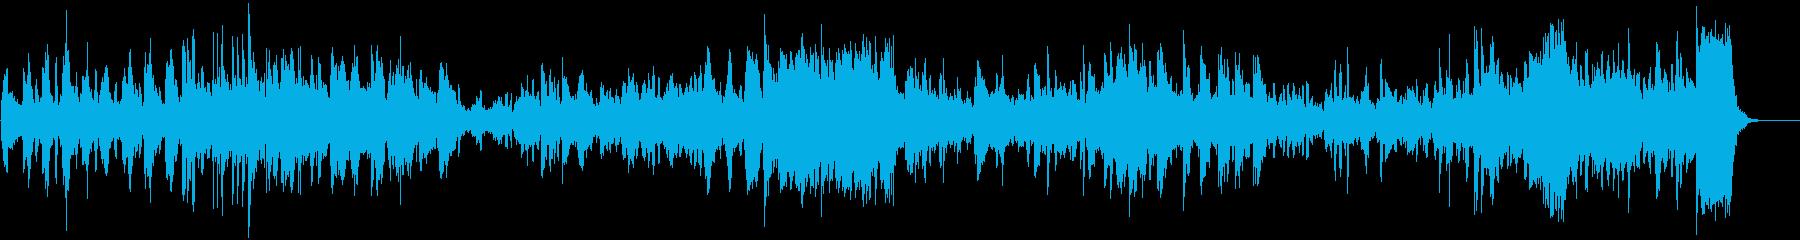 バッハの無伴奏チェロ組曲よりプレリュードの再生済みの波形